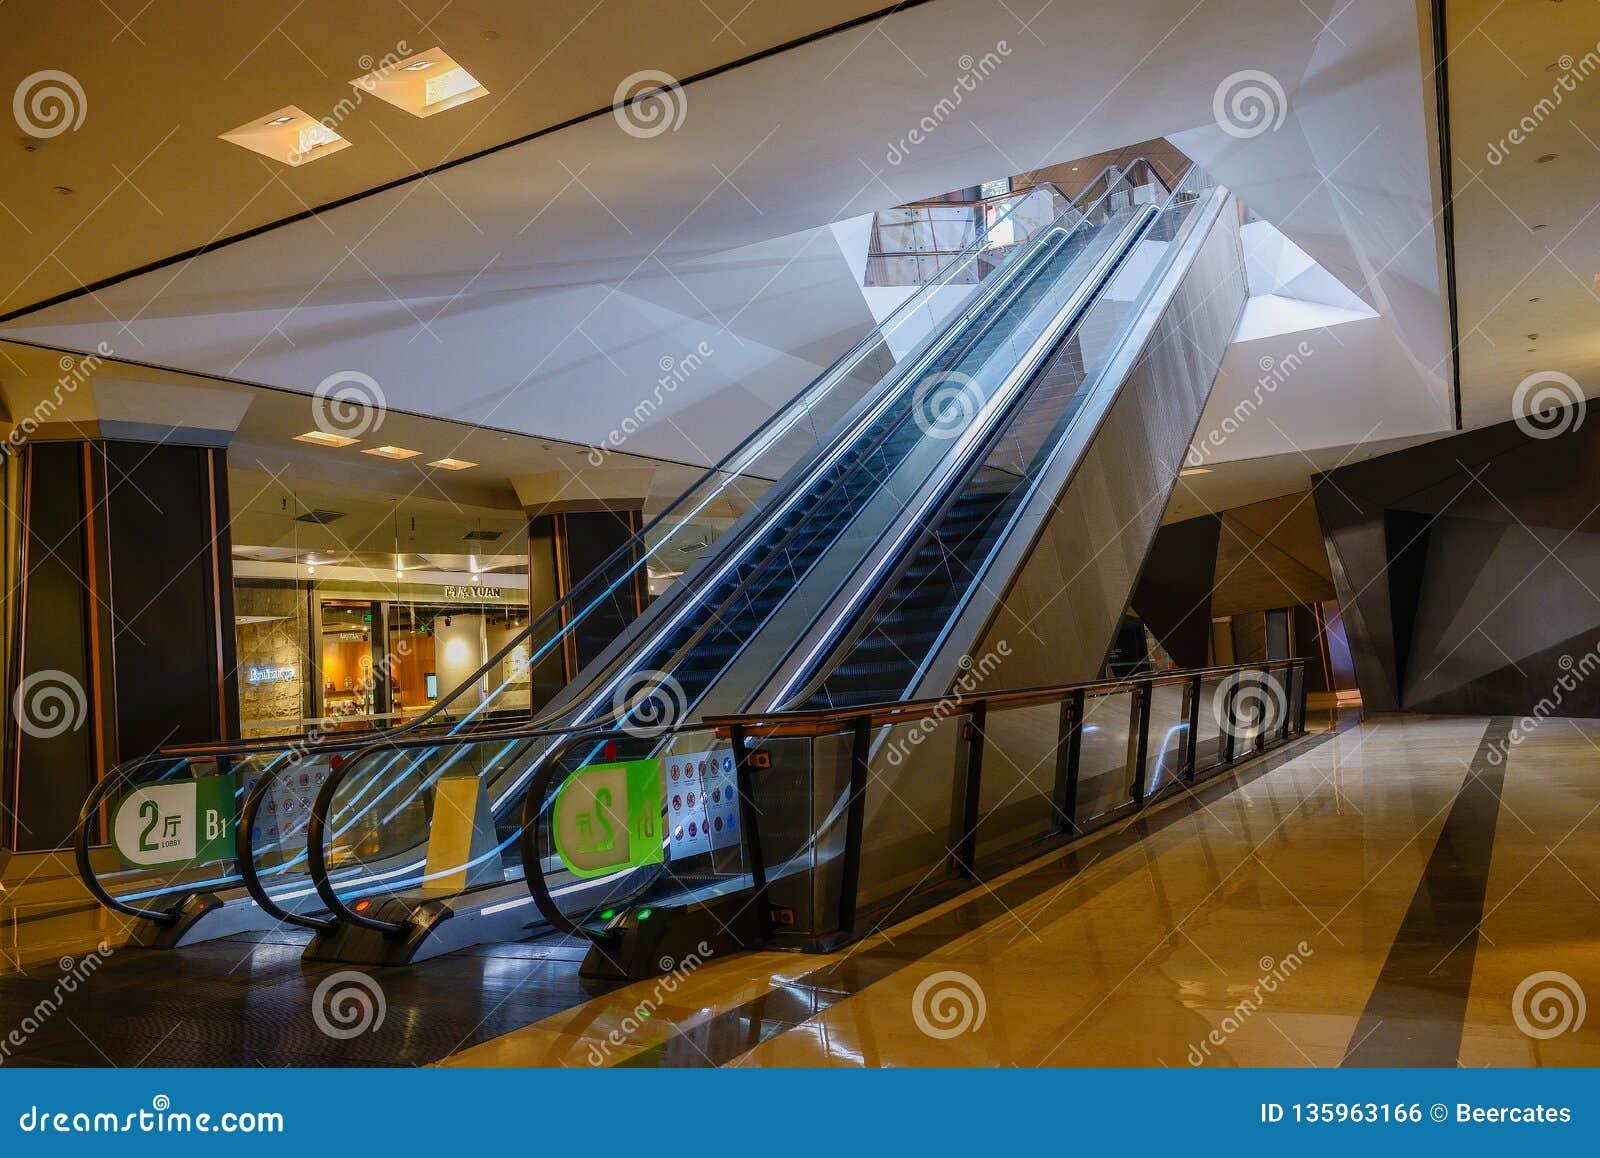 Pair of underground escalators